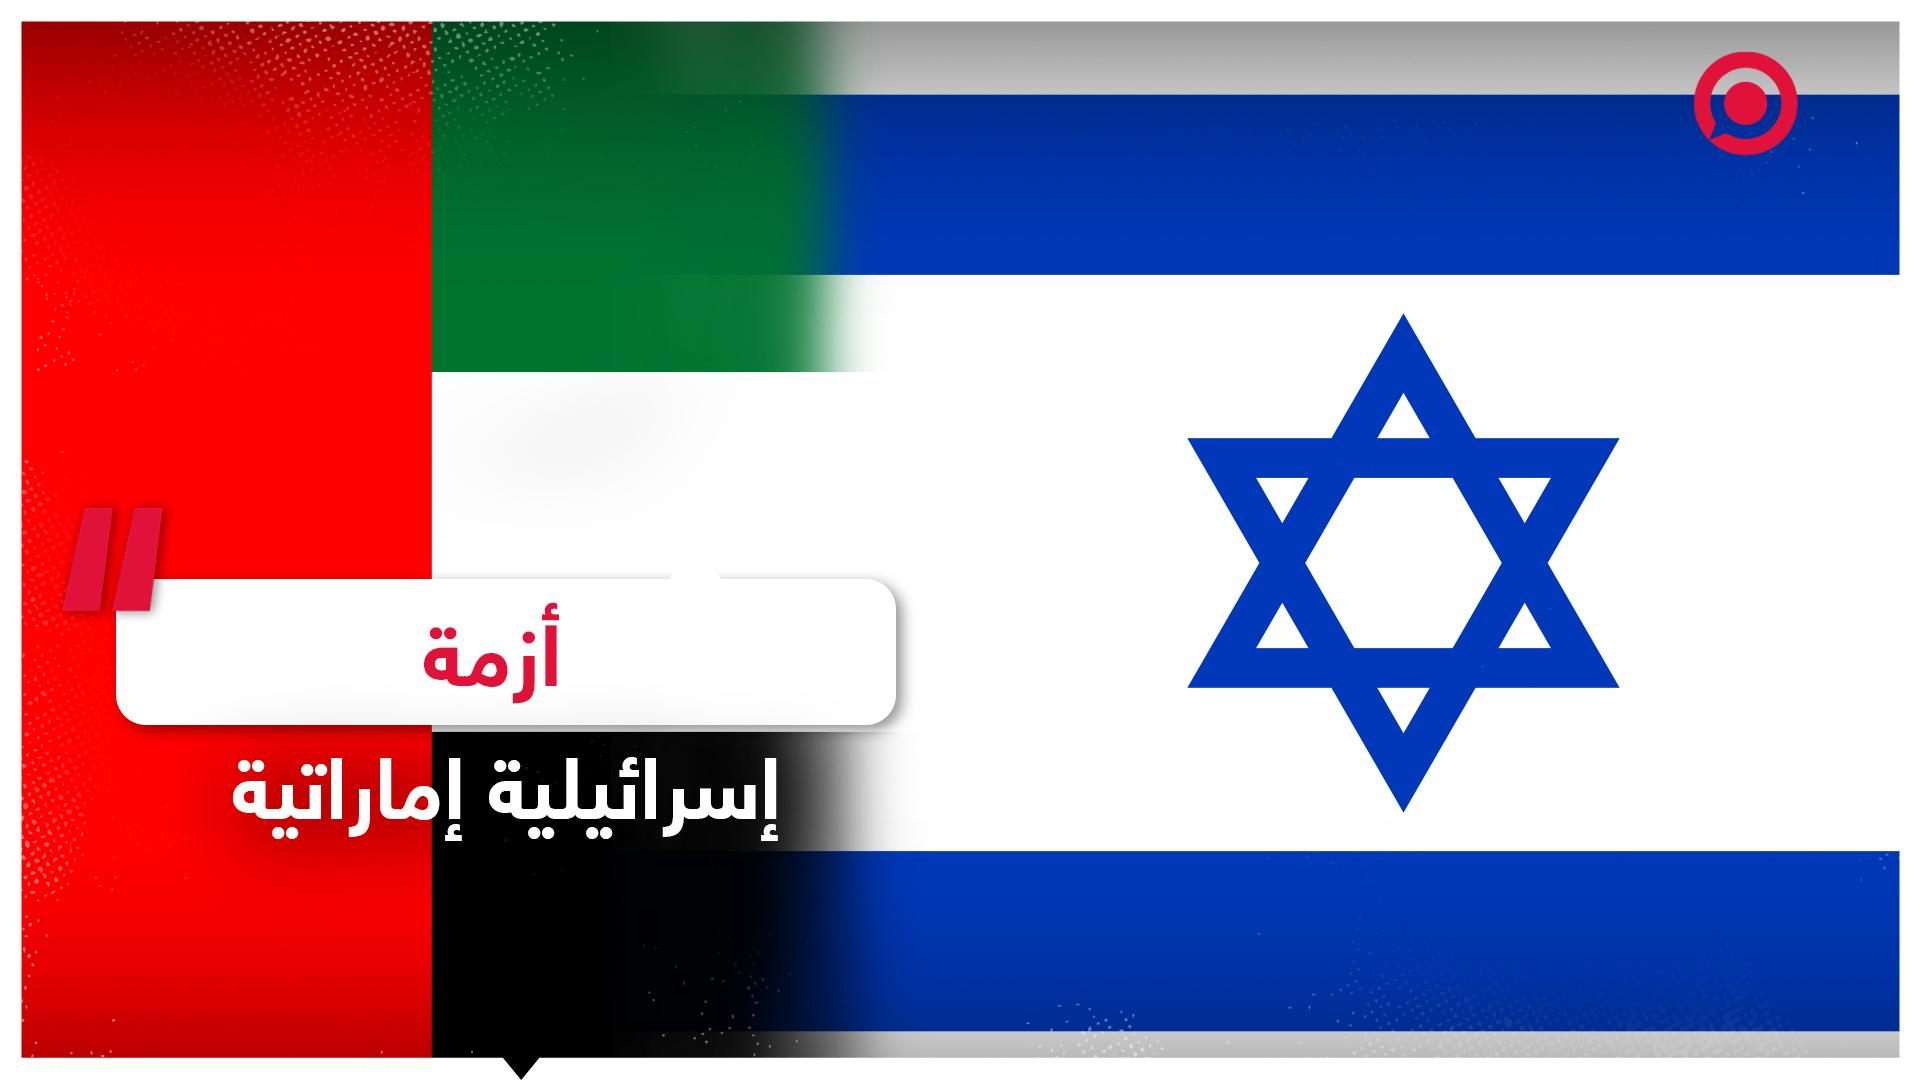 صحف إسرائيلية تنذر ببوادر أزمة إسرائيلية إماراتية